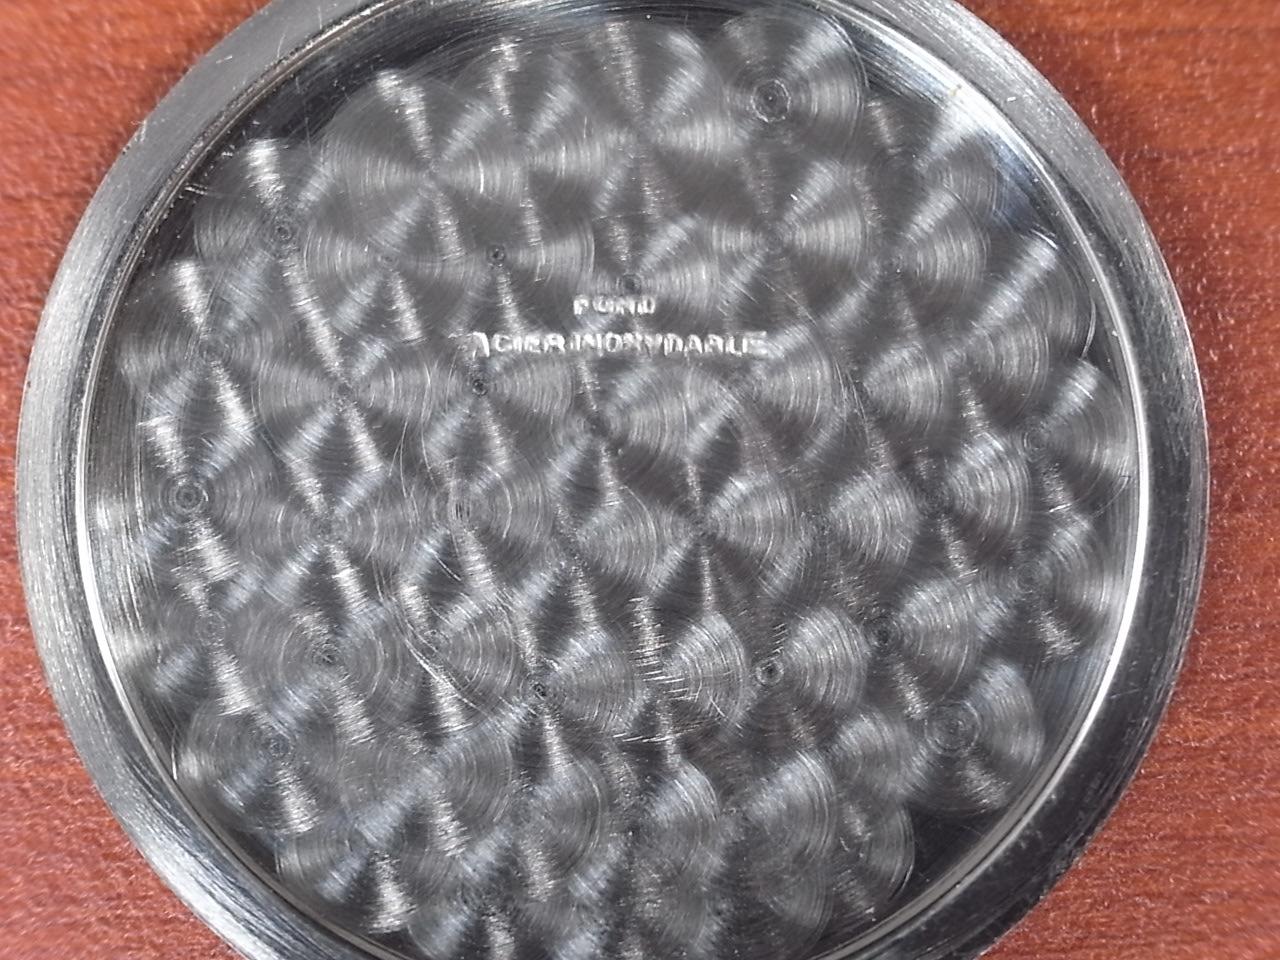 グラナ カースフレアース 未使用品 アールデコ ブラックミラーダイアル 1940年代の写真6枚目